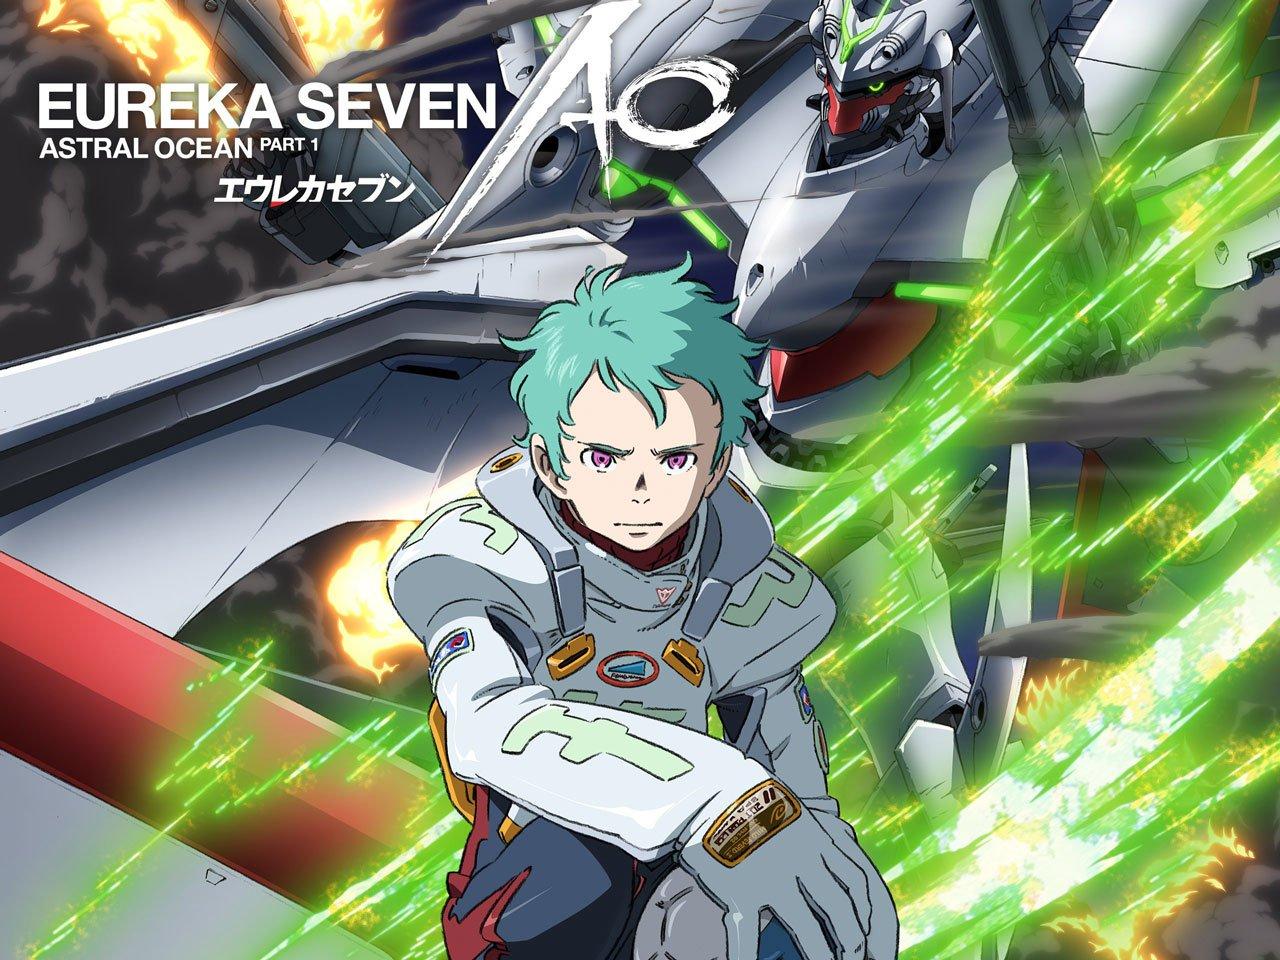 Eureka Seven AO ยูเรก้าเซเว่น เอโอ